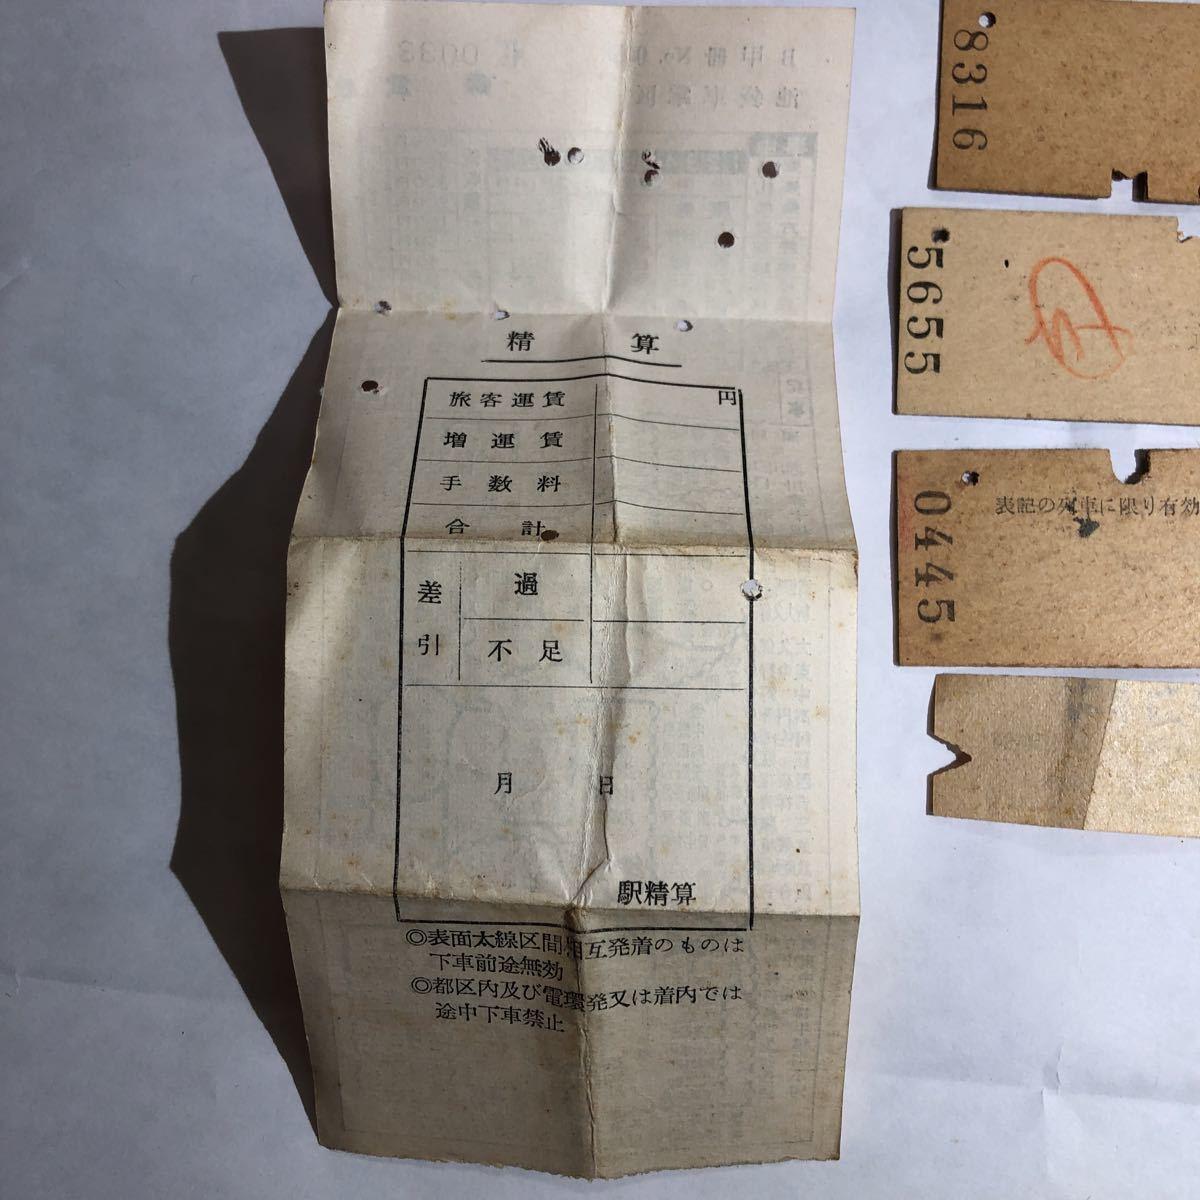 鉄道 切符 硬券 赤線 マニア 昭和 精算券 他_画像6